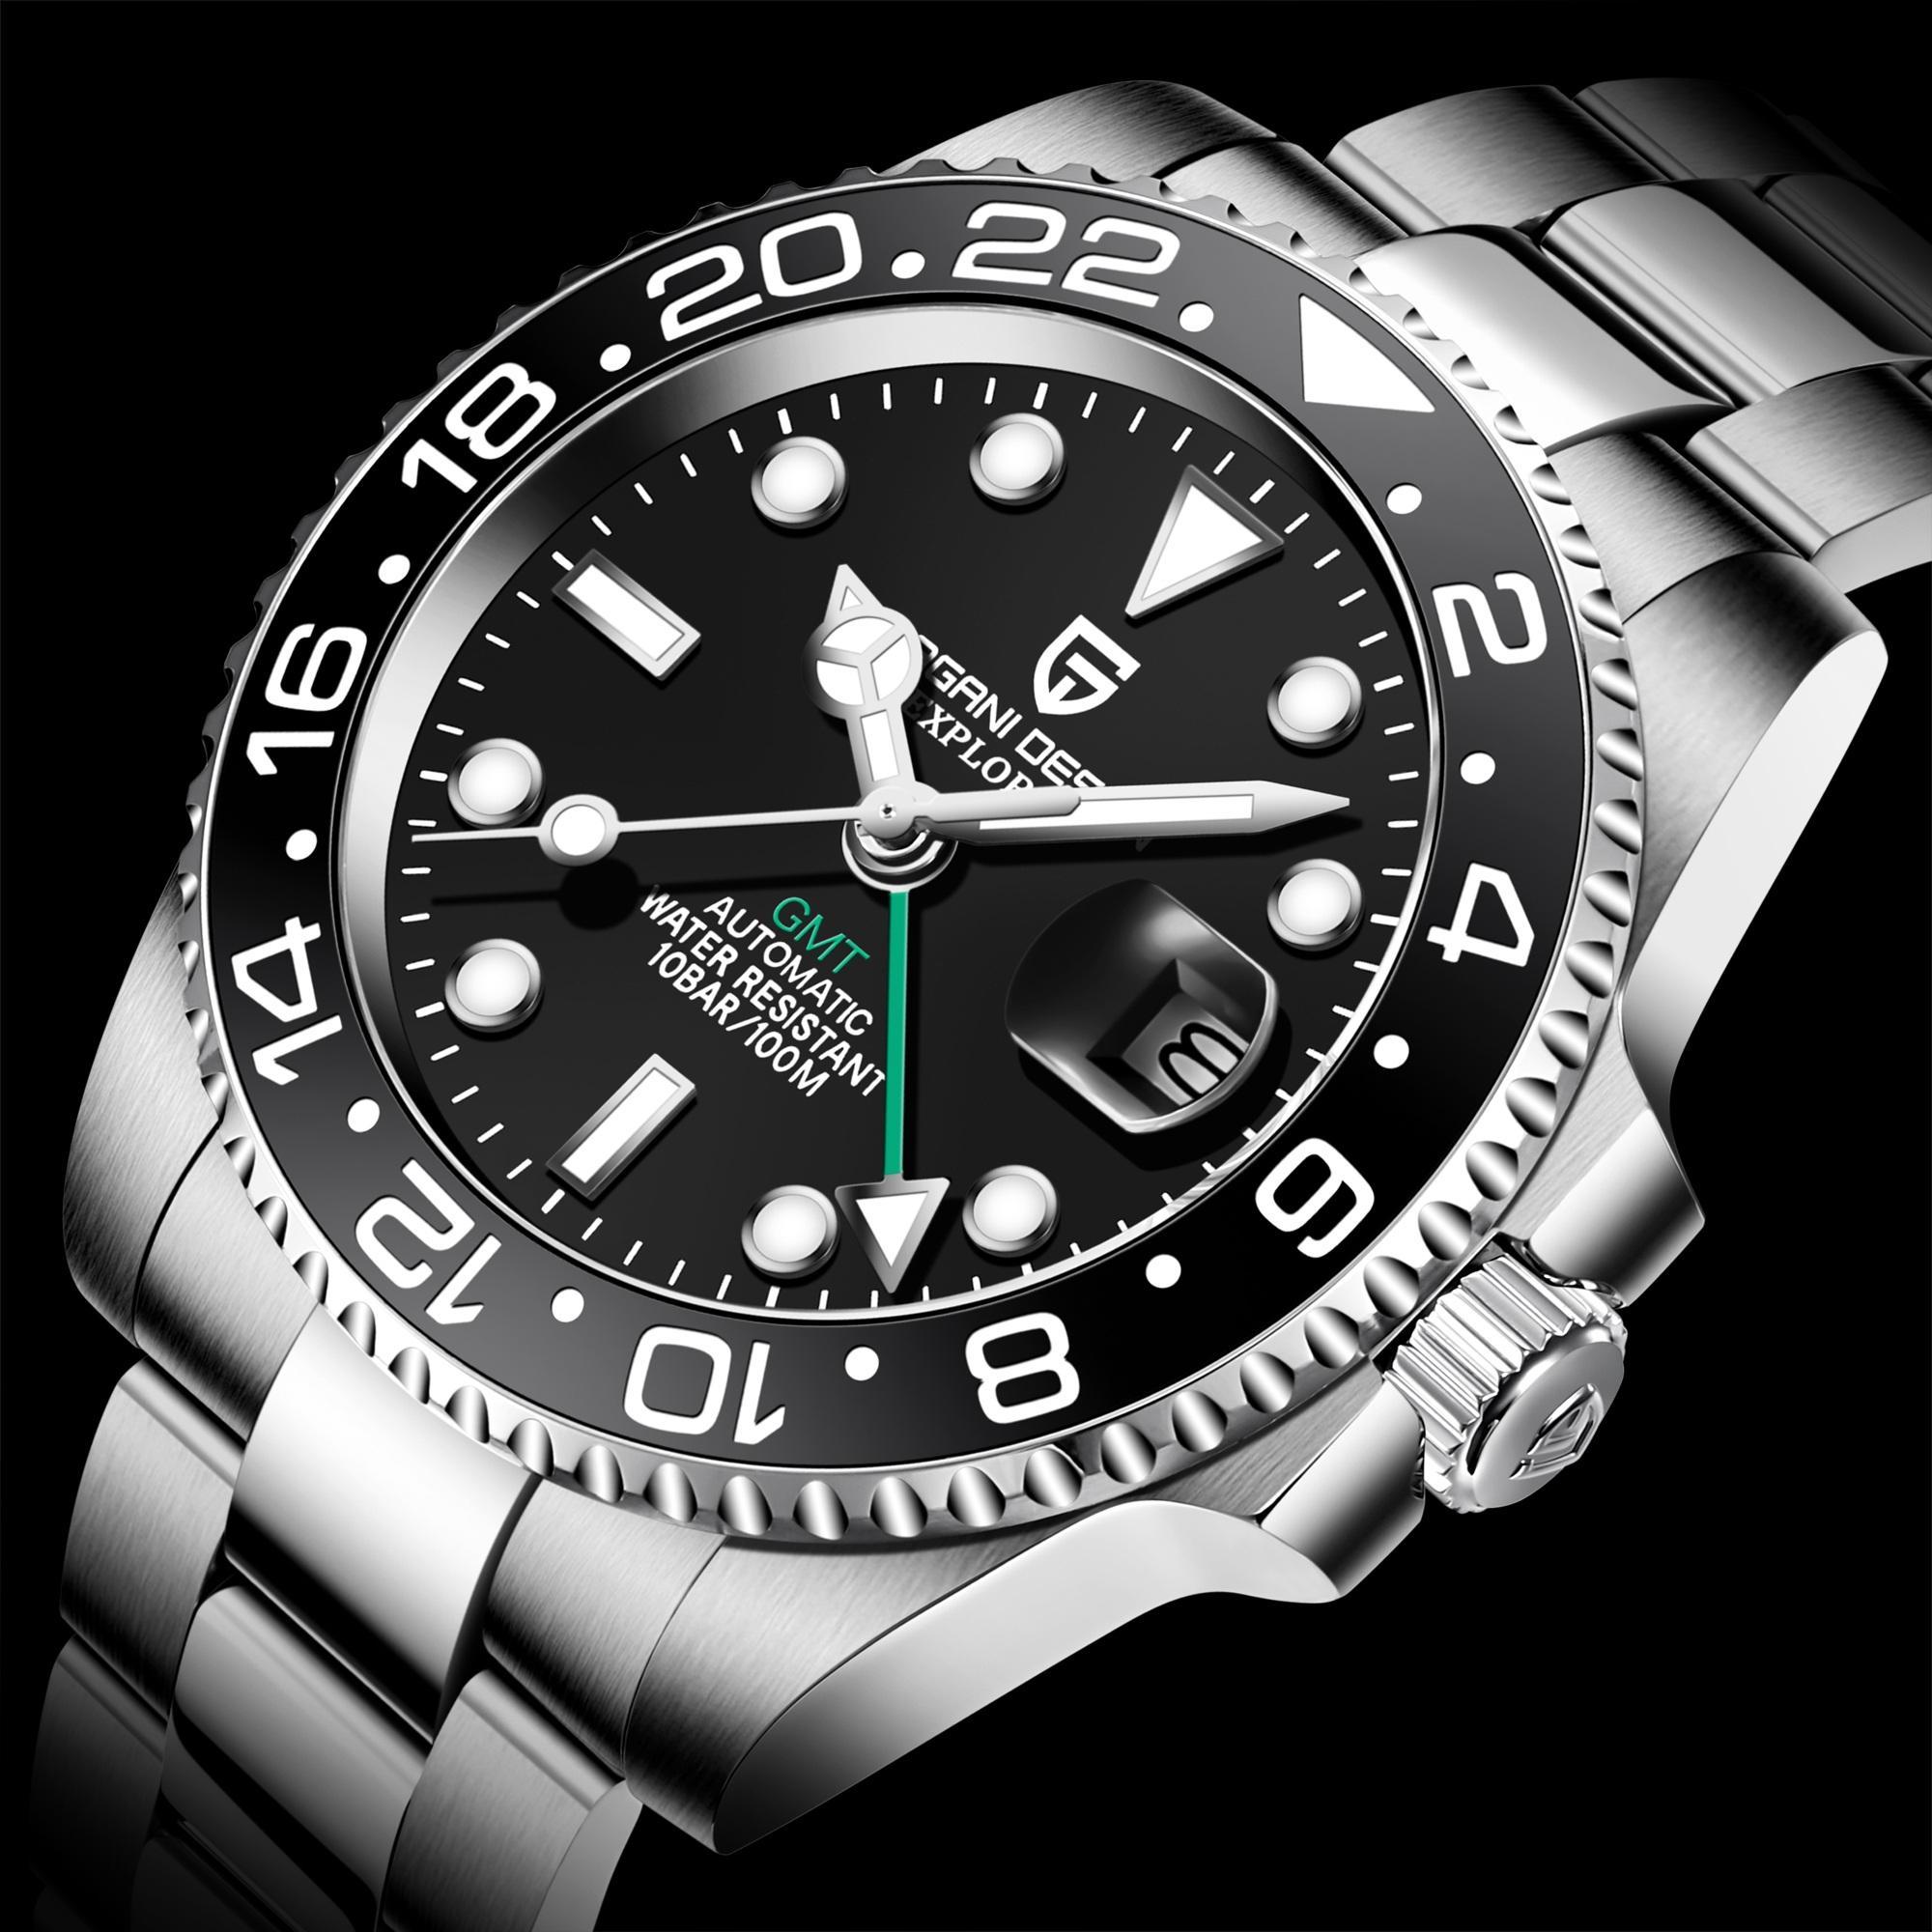 PAGANI DISEÑO 2020 hombres de lujo reloj mecánico de acero inoxidable GMT reloj superior de la marca de cristal de zafiro relojes de los hombres con la caja